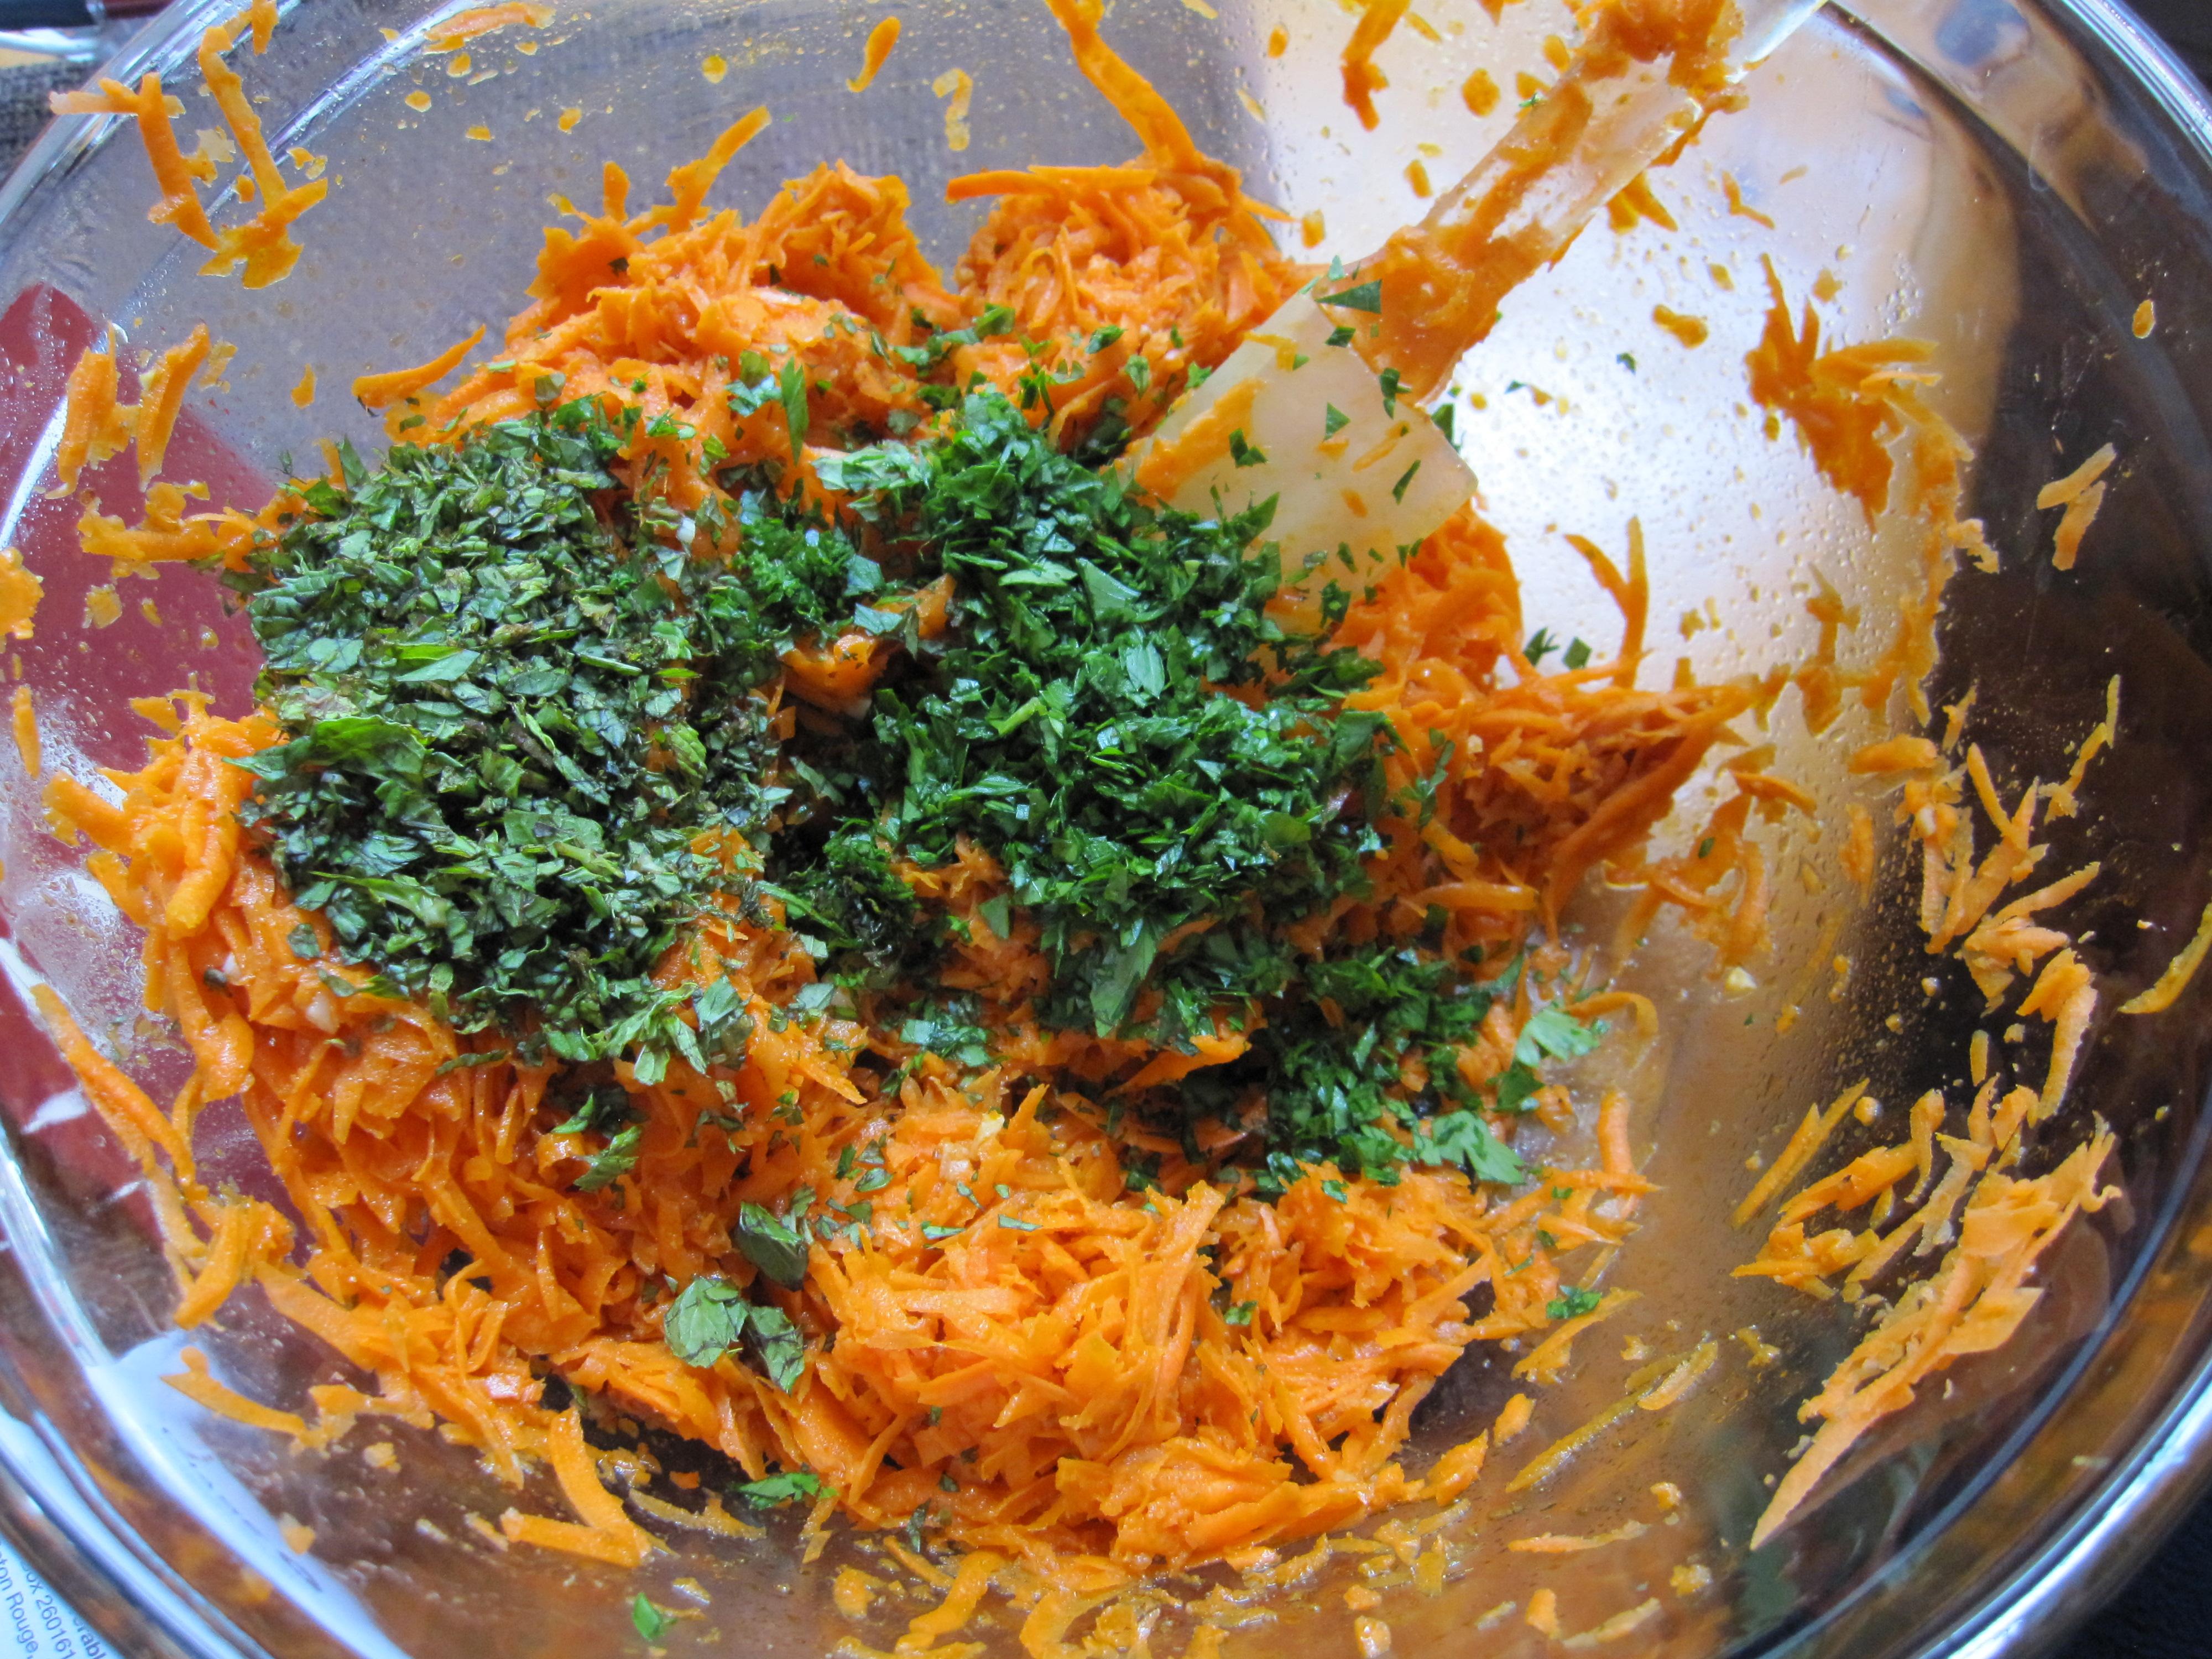 ... carrots carrots carrots carrot salad with harissa carrots carrots